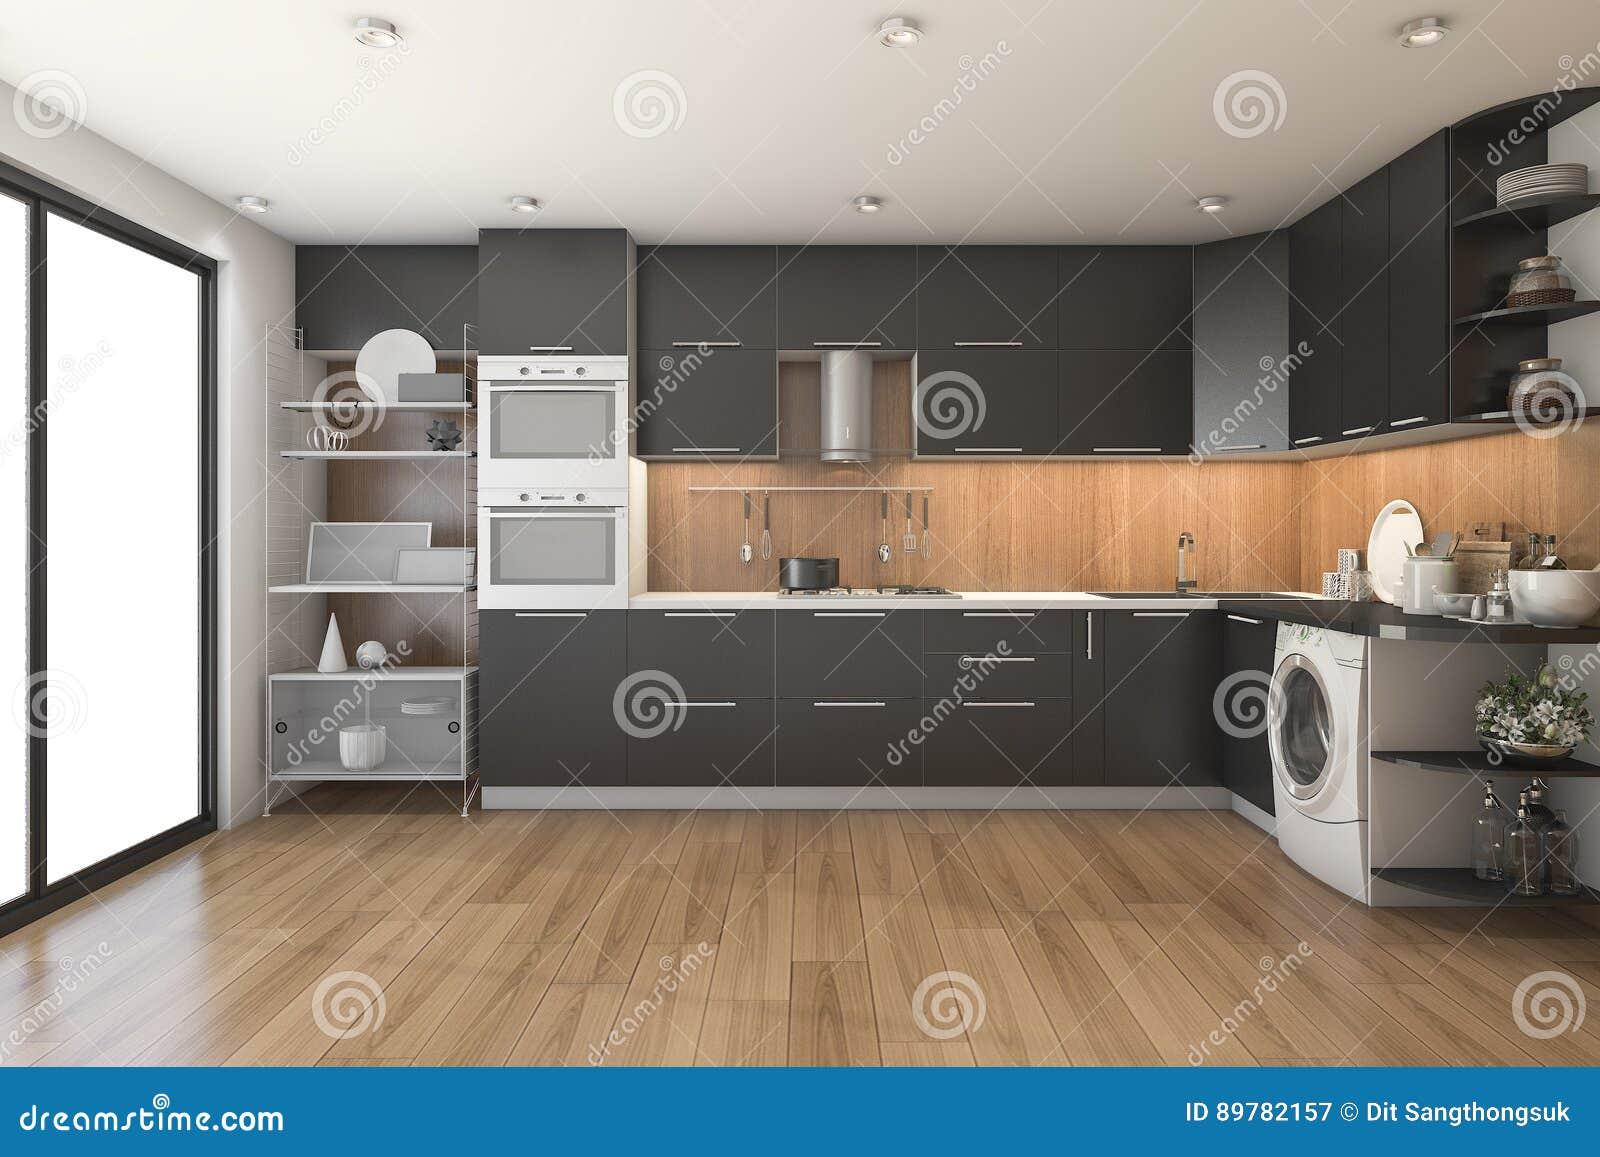 Moderne Zwarte Keuken : D het teruggeven zolder moderne zwarte keuken met houten decor